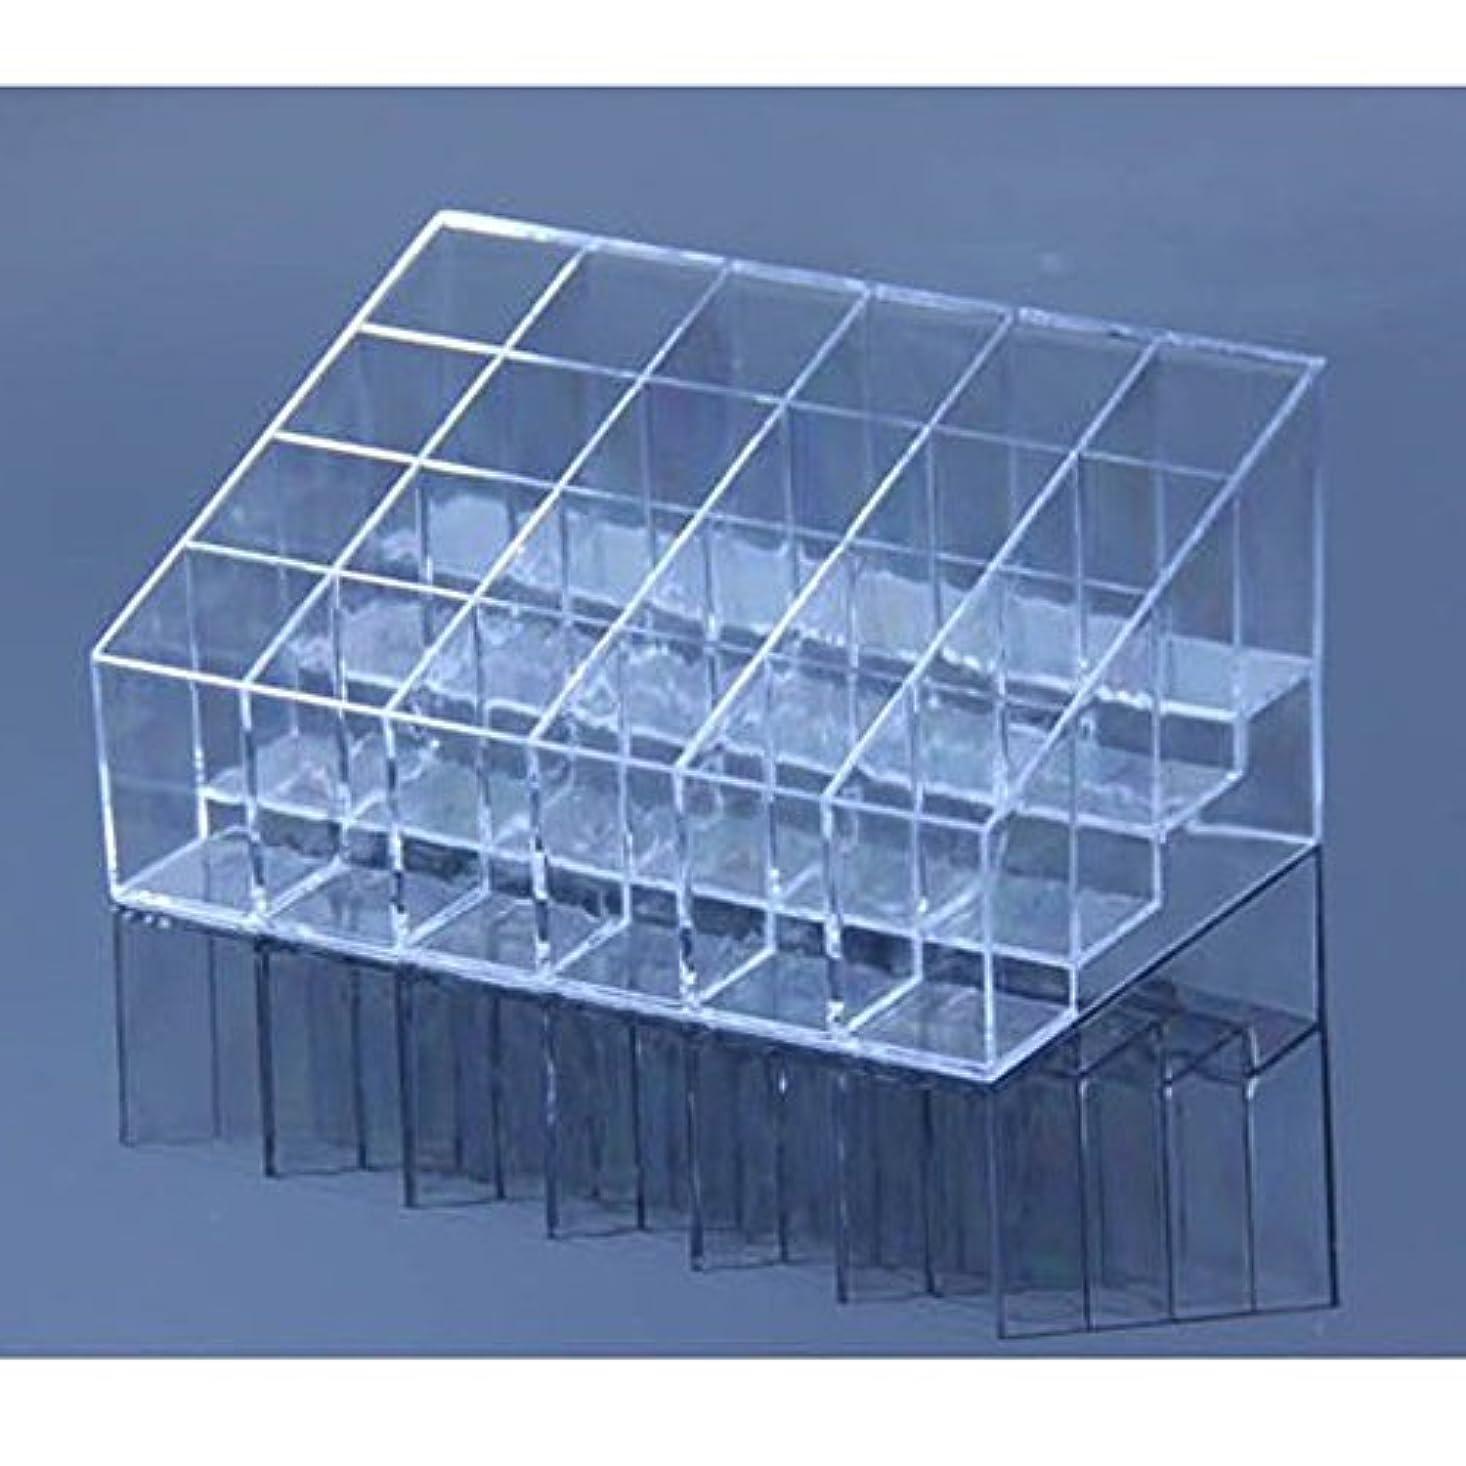 任命ほのかみなすAYWS 口紅ホルダー 24区透明プラスチック製 台形メイクアップ 化粧品ディスプレイスタンド リップスティック ホルダー